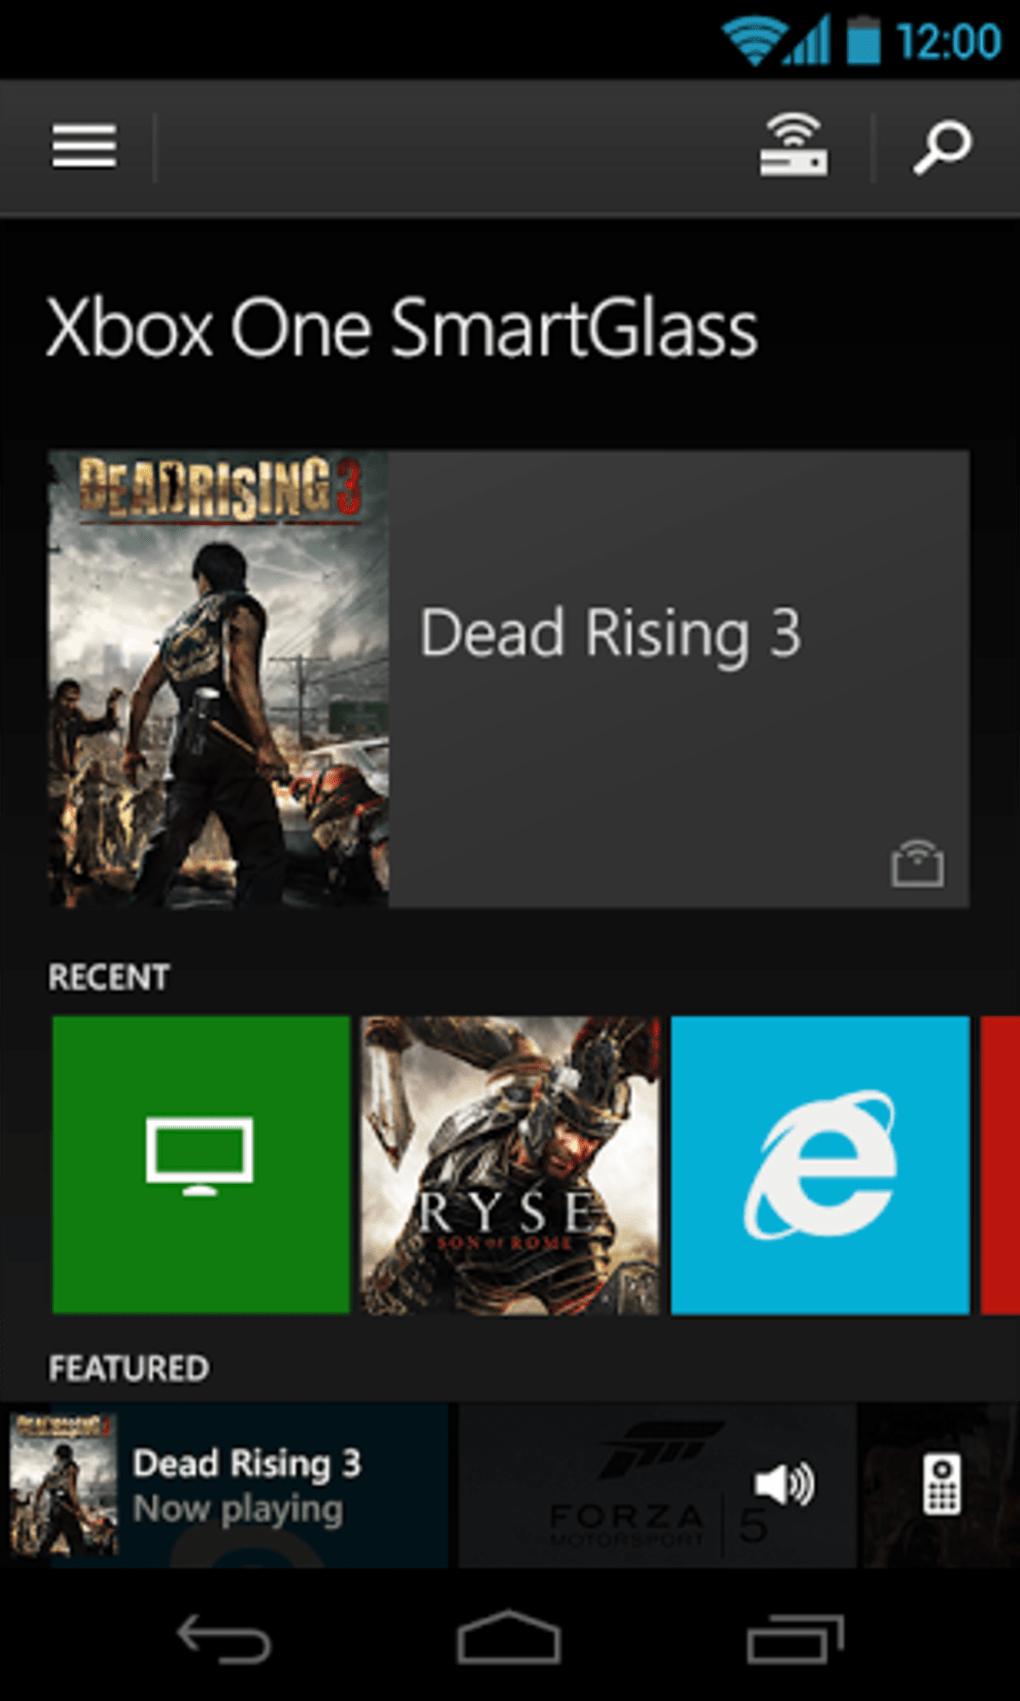 Télécharger Xbox One SmartGlass pour Windows Phone - 01net ...